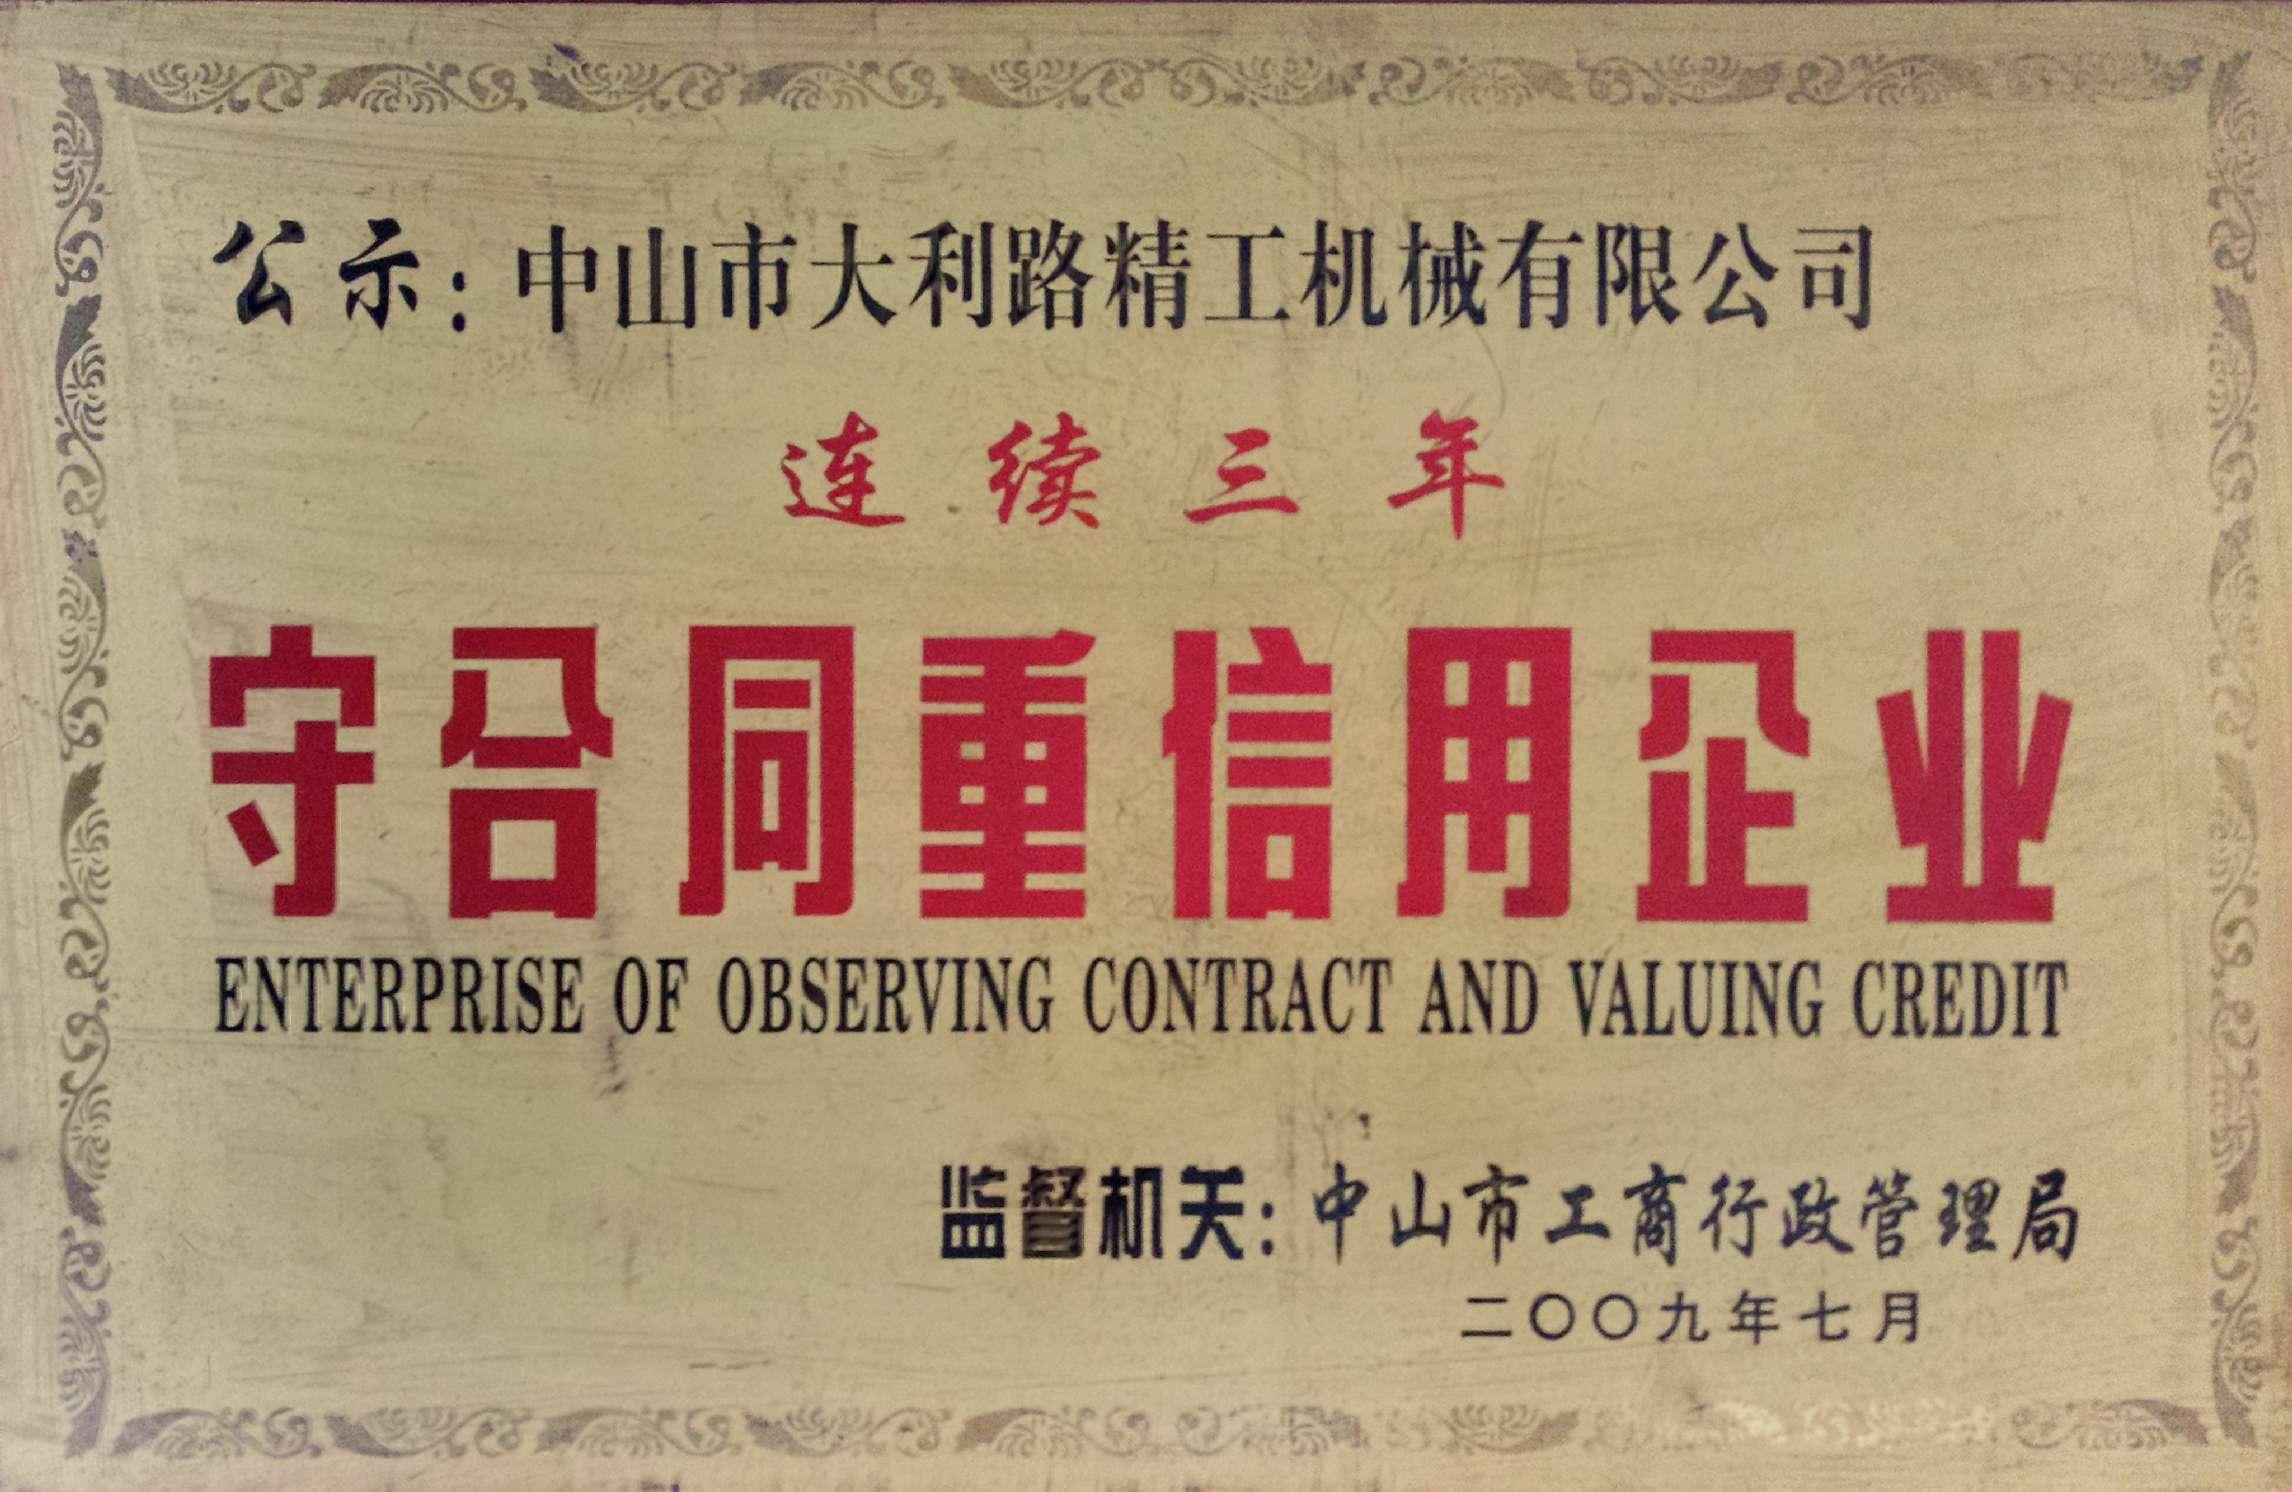 守合同重信用企业(连续三年) 2009年